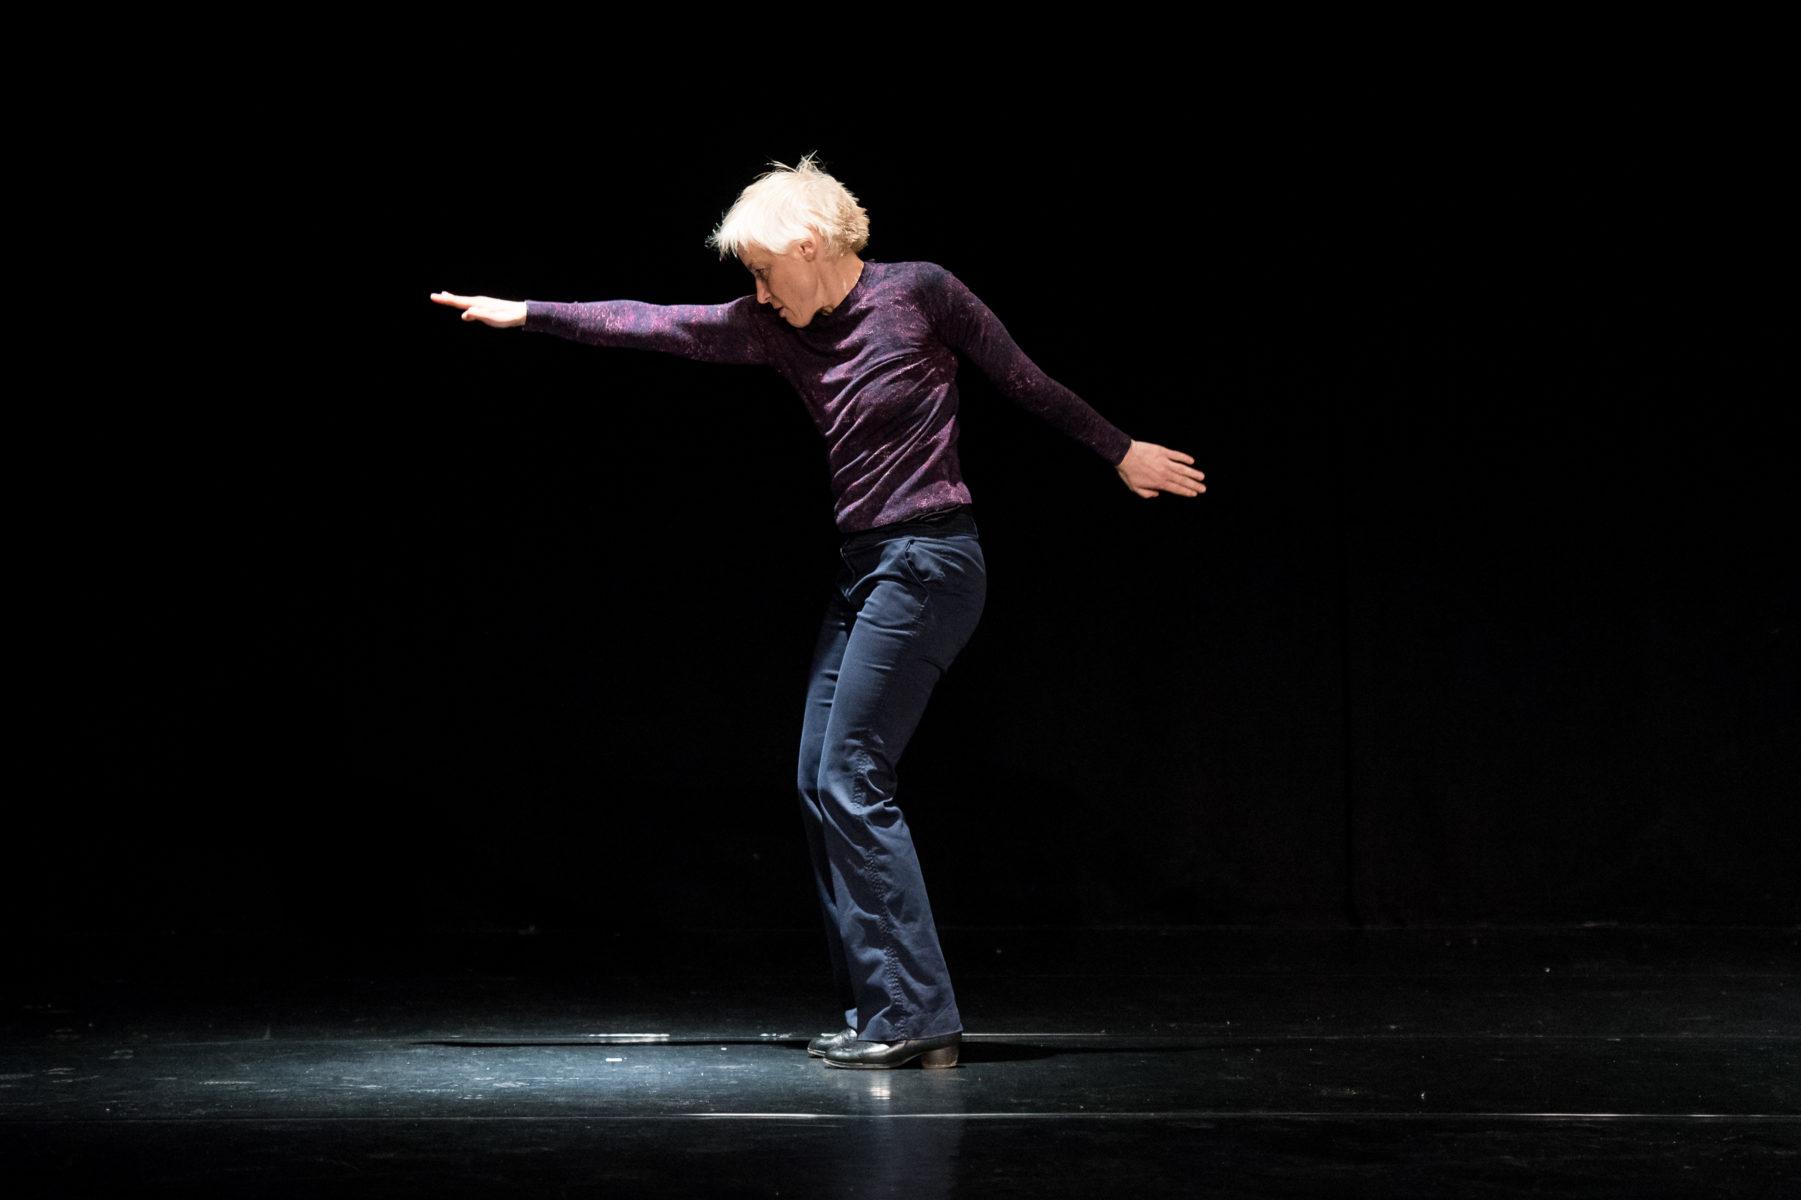 Программа «Соло Мег Стюарт» в Театрально-культурном центре имени Мейерхольда – события на сайте «Московские Сезоны»